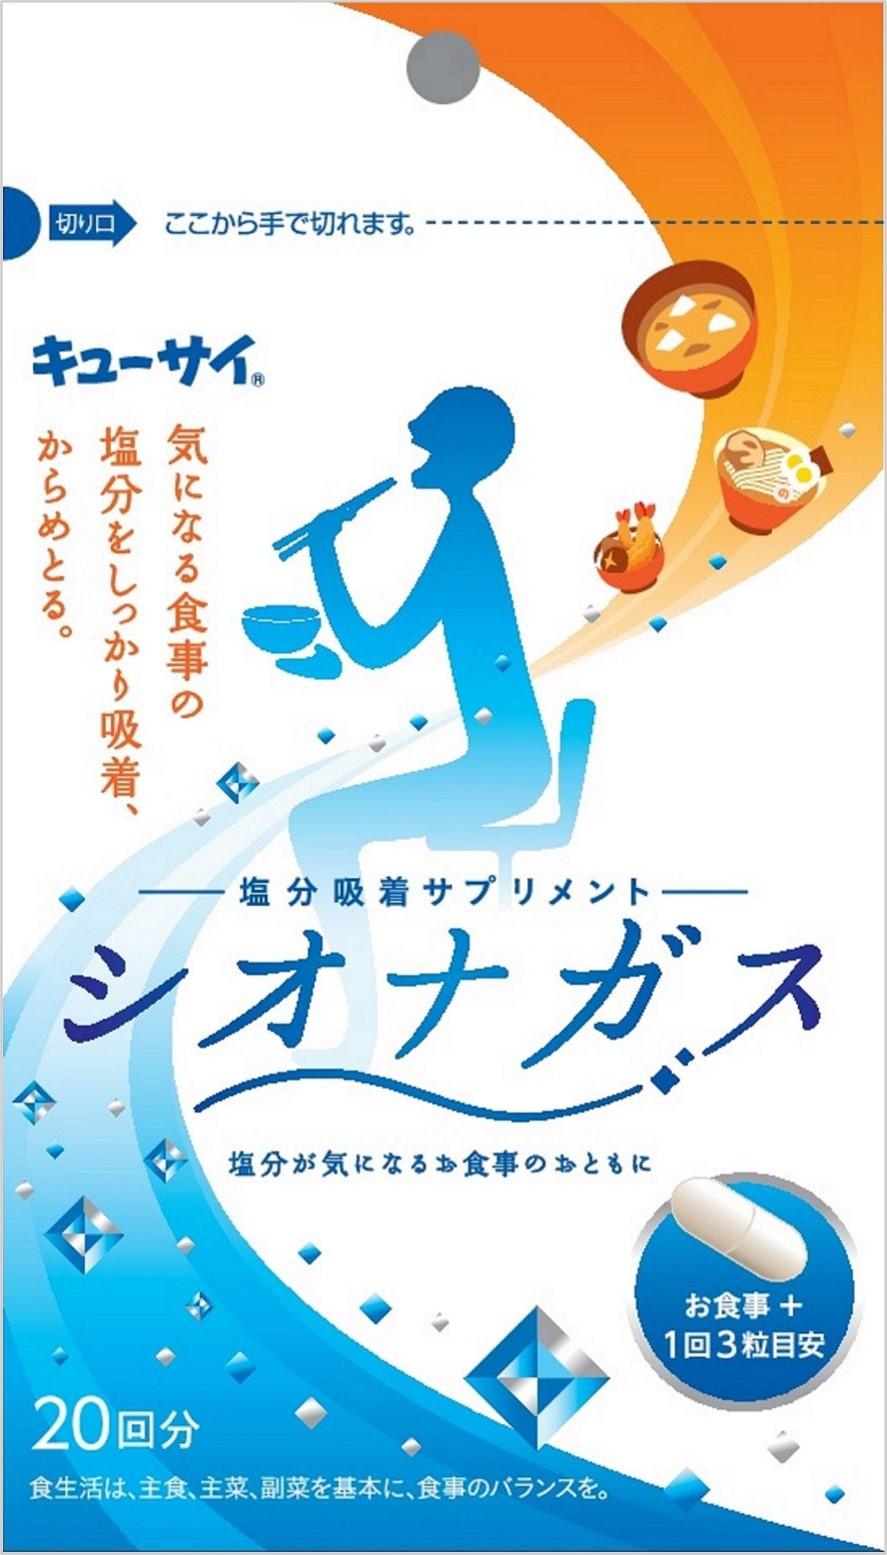 """日本人の塩分摂取量は世界基準(目標)(※1)の約2倍! 減塩ではなく、""""流す""""という選択 塩分吸着サプリメント 『シオナガス』 12月1日より新発売!"""